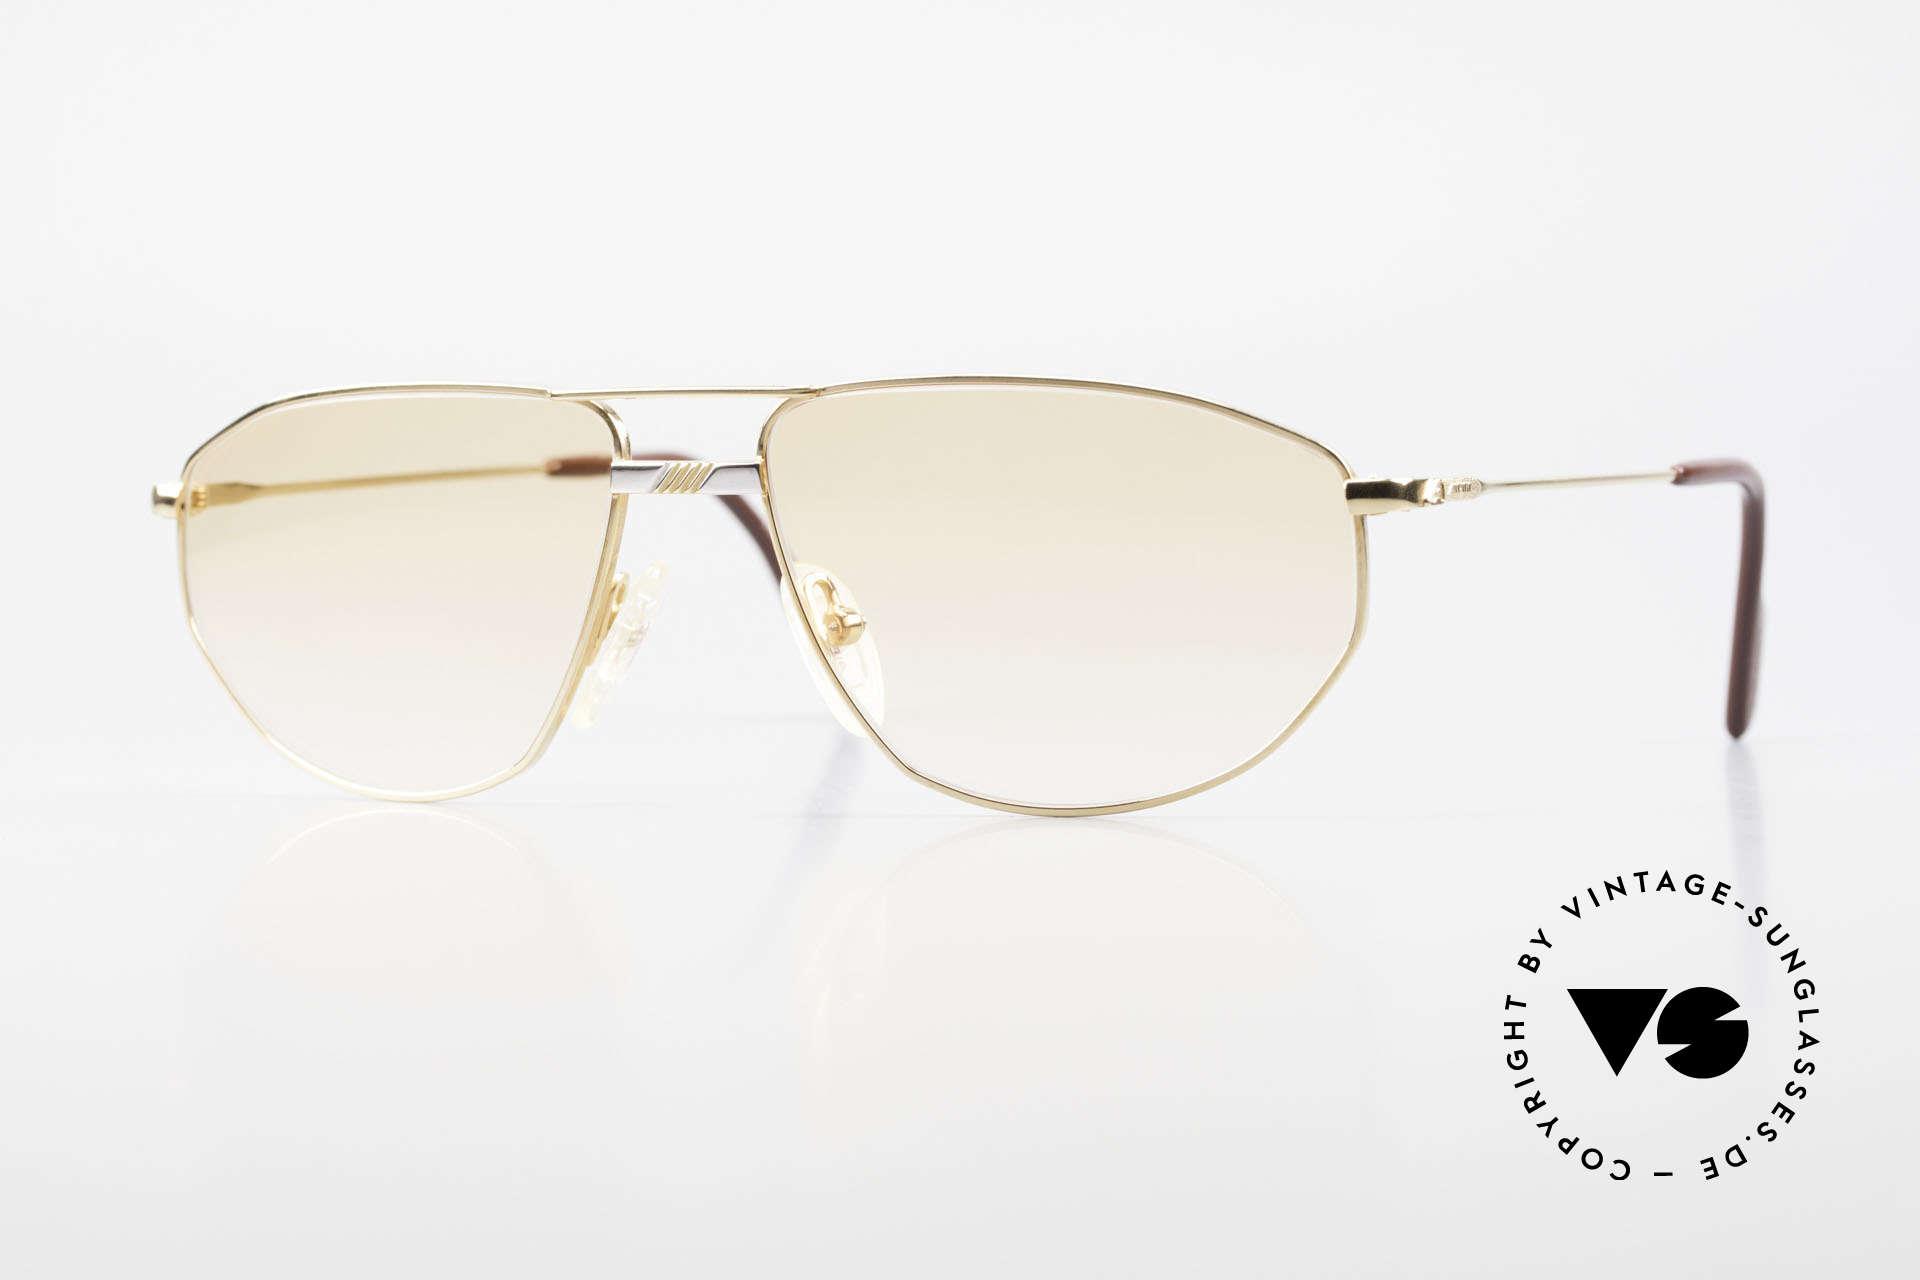 Alpina FM41 Stylische 80er Sonnenbrille, alte, sehr stylische 80er Sonnenbrille von Alpina, Passend für Herren und Damen